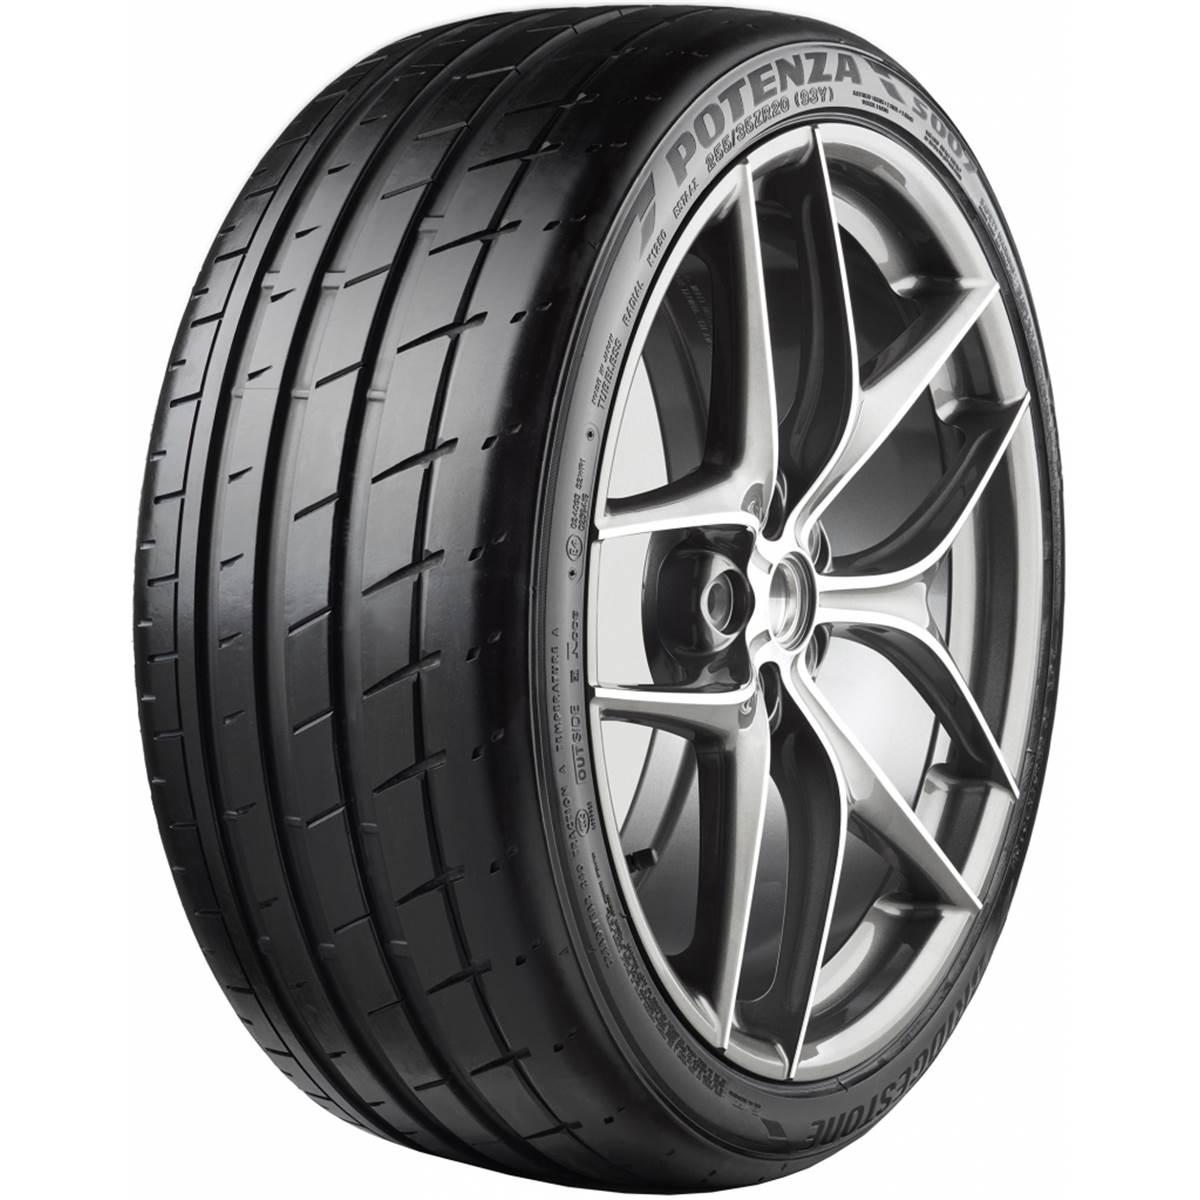 Pneu Bridgestone 295/35R20 105Y Potenza S007 XL